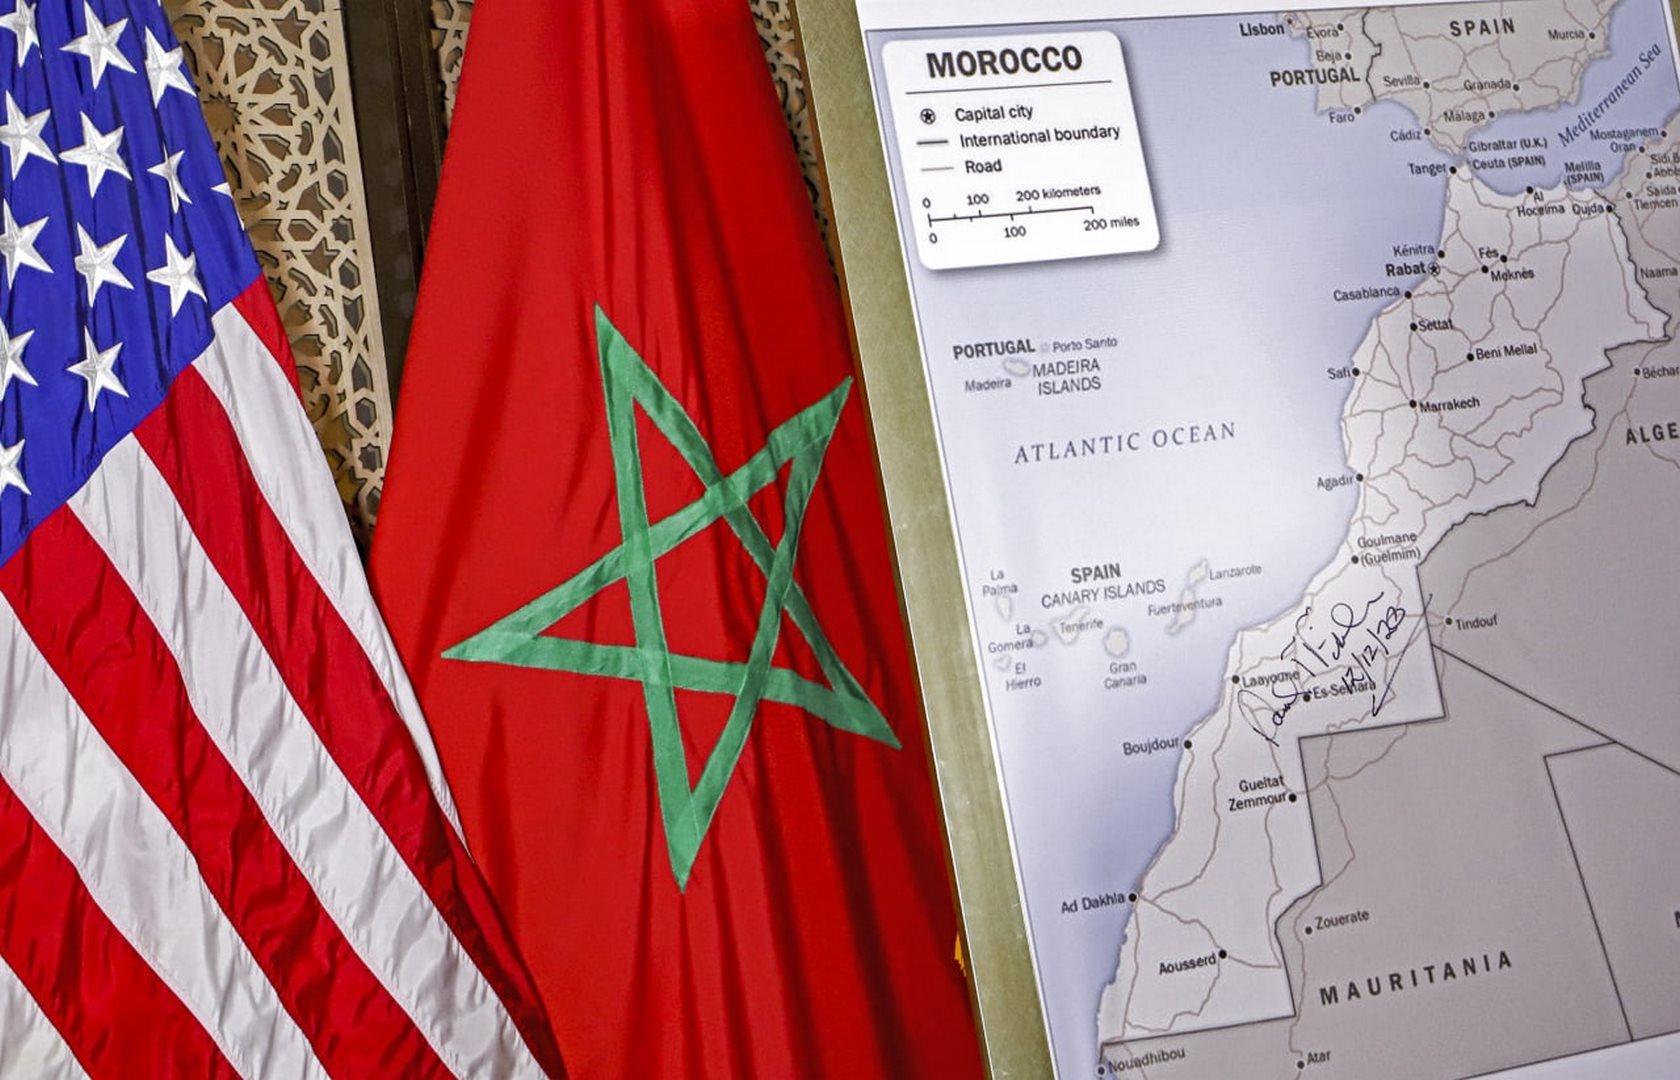 واشنطن تؤكد الاعتراف بسيادة المغرب على صحرائه